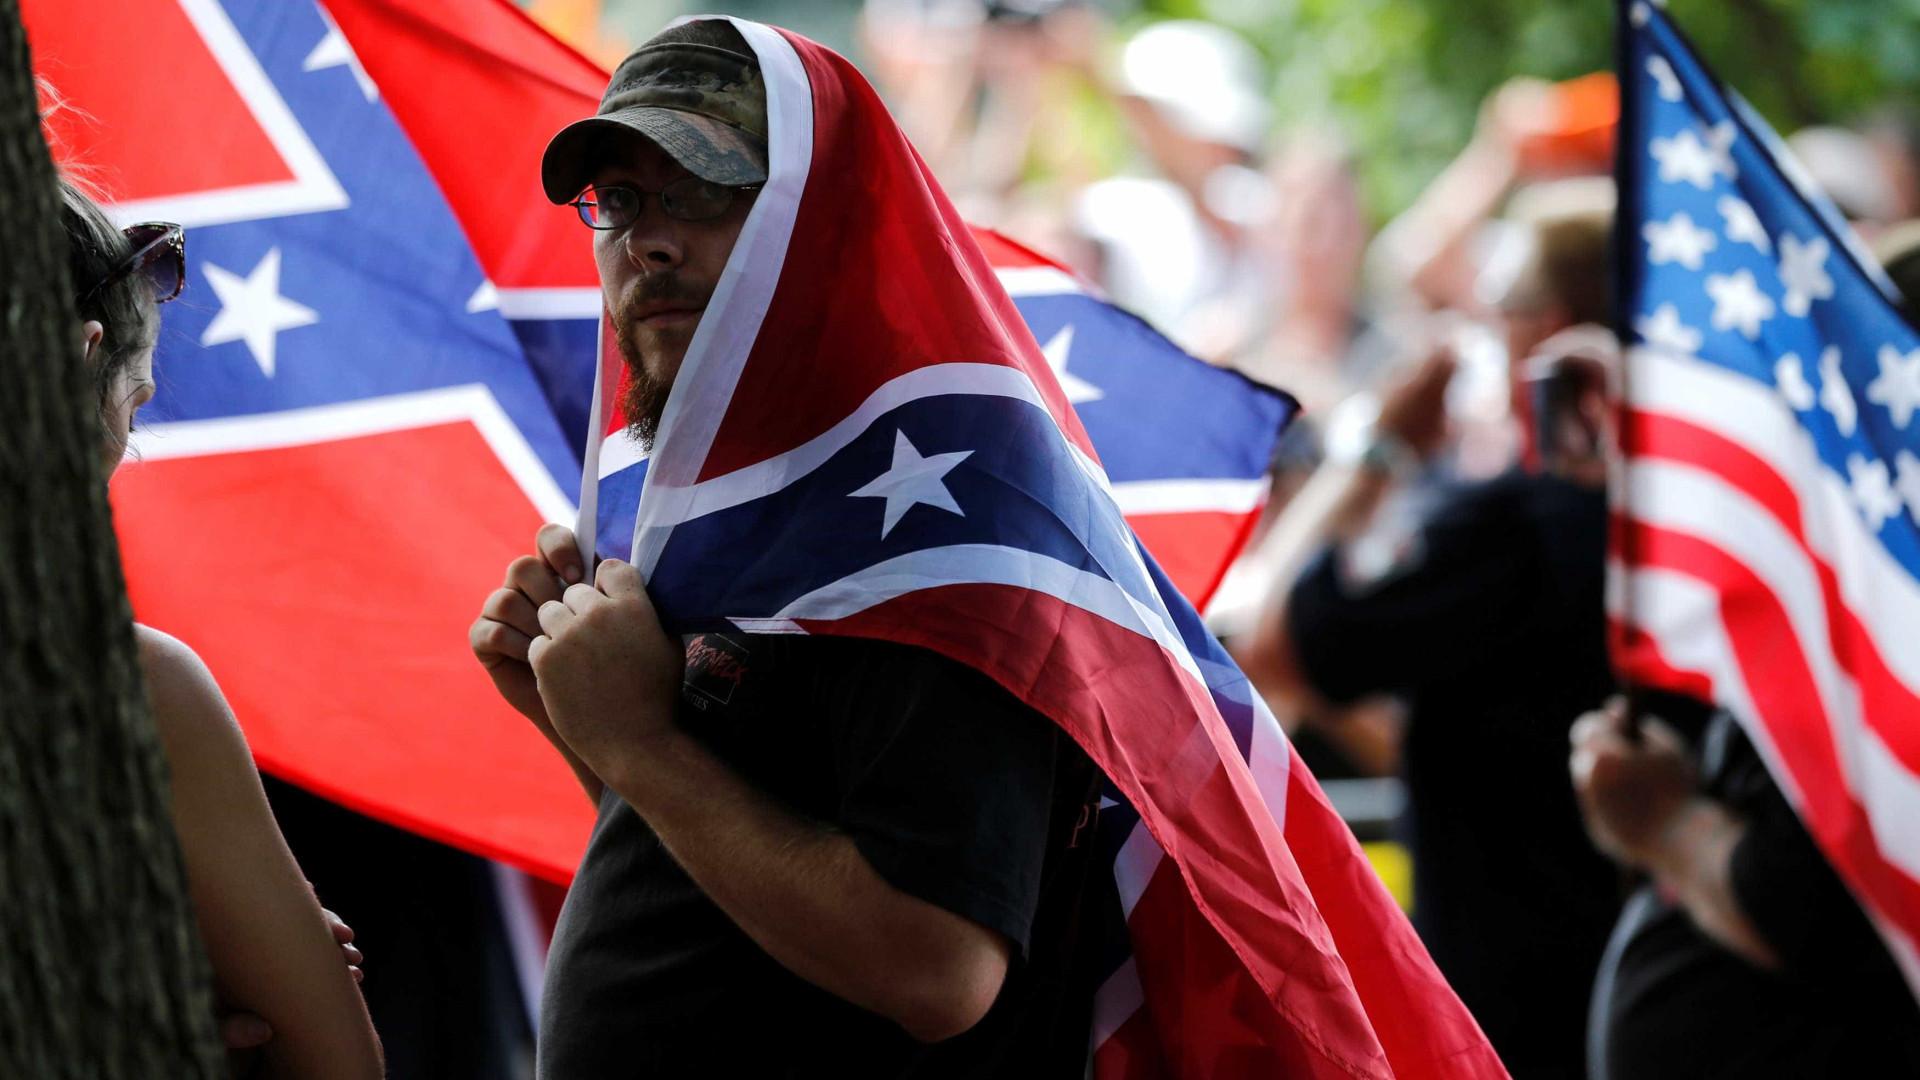 EUA: extrema-direita protesta contra negros, imigrantes, gays e judeus